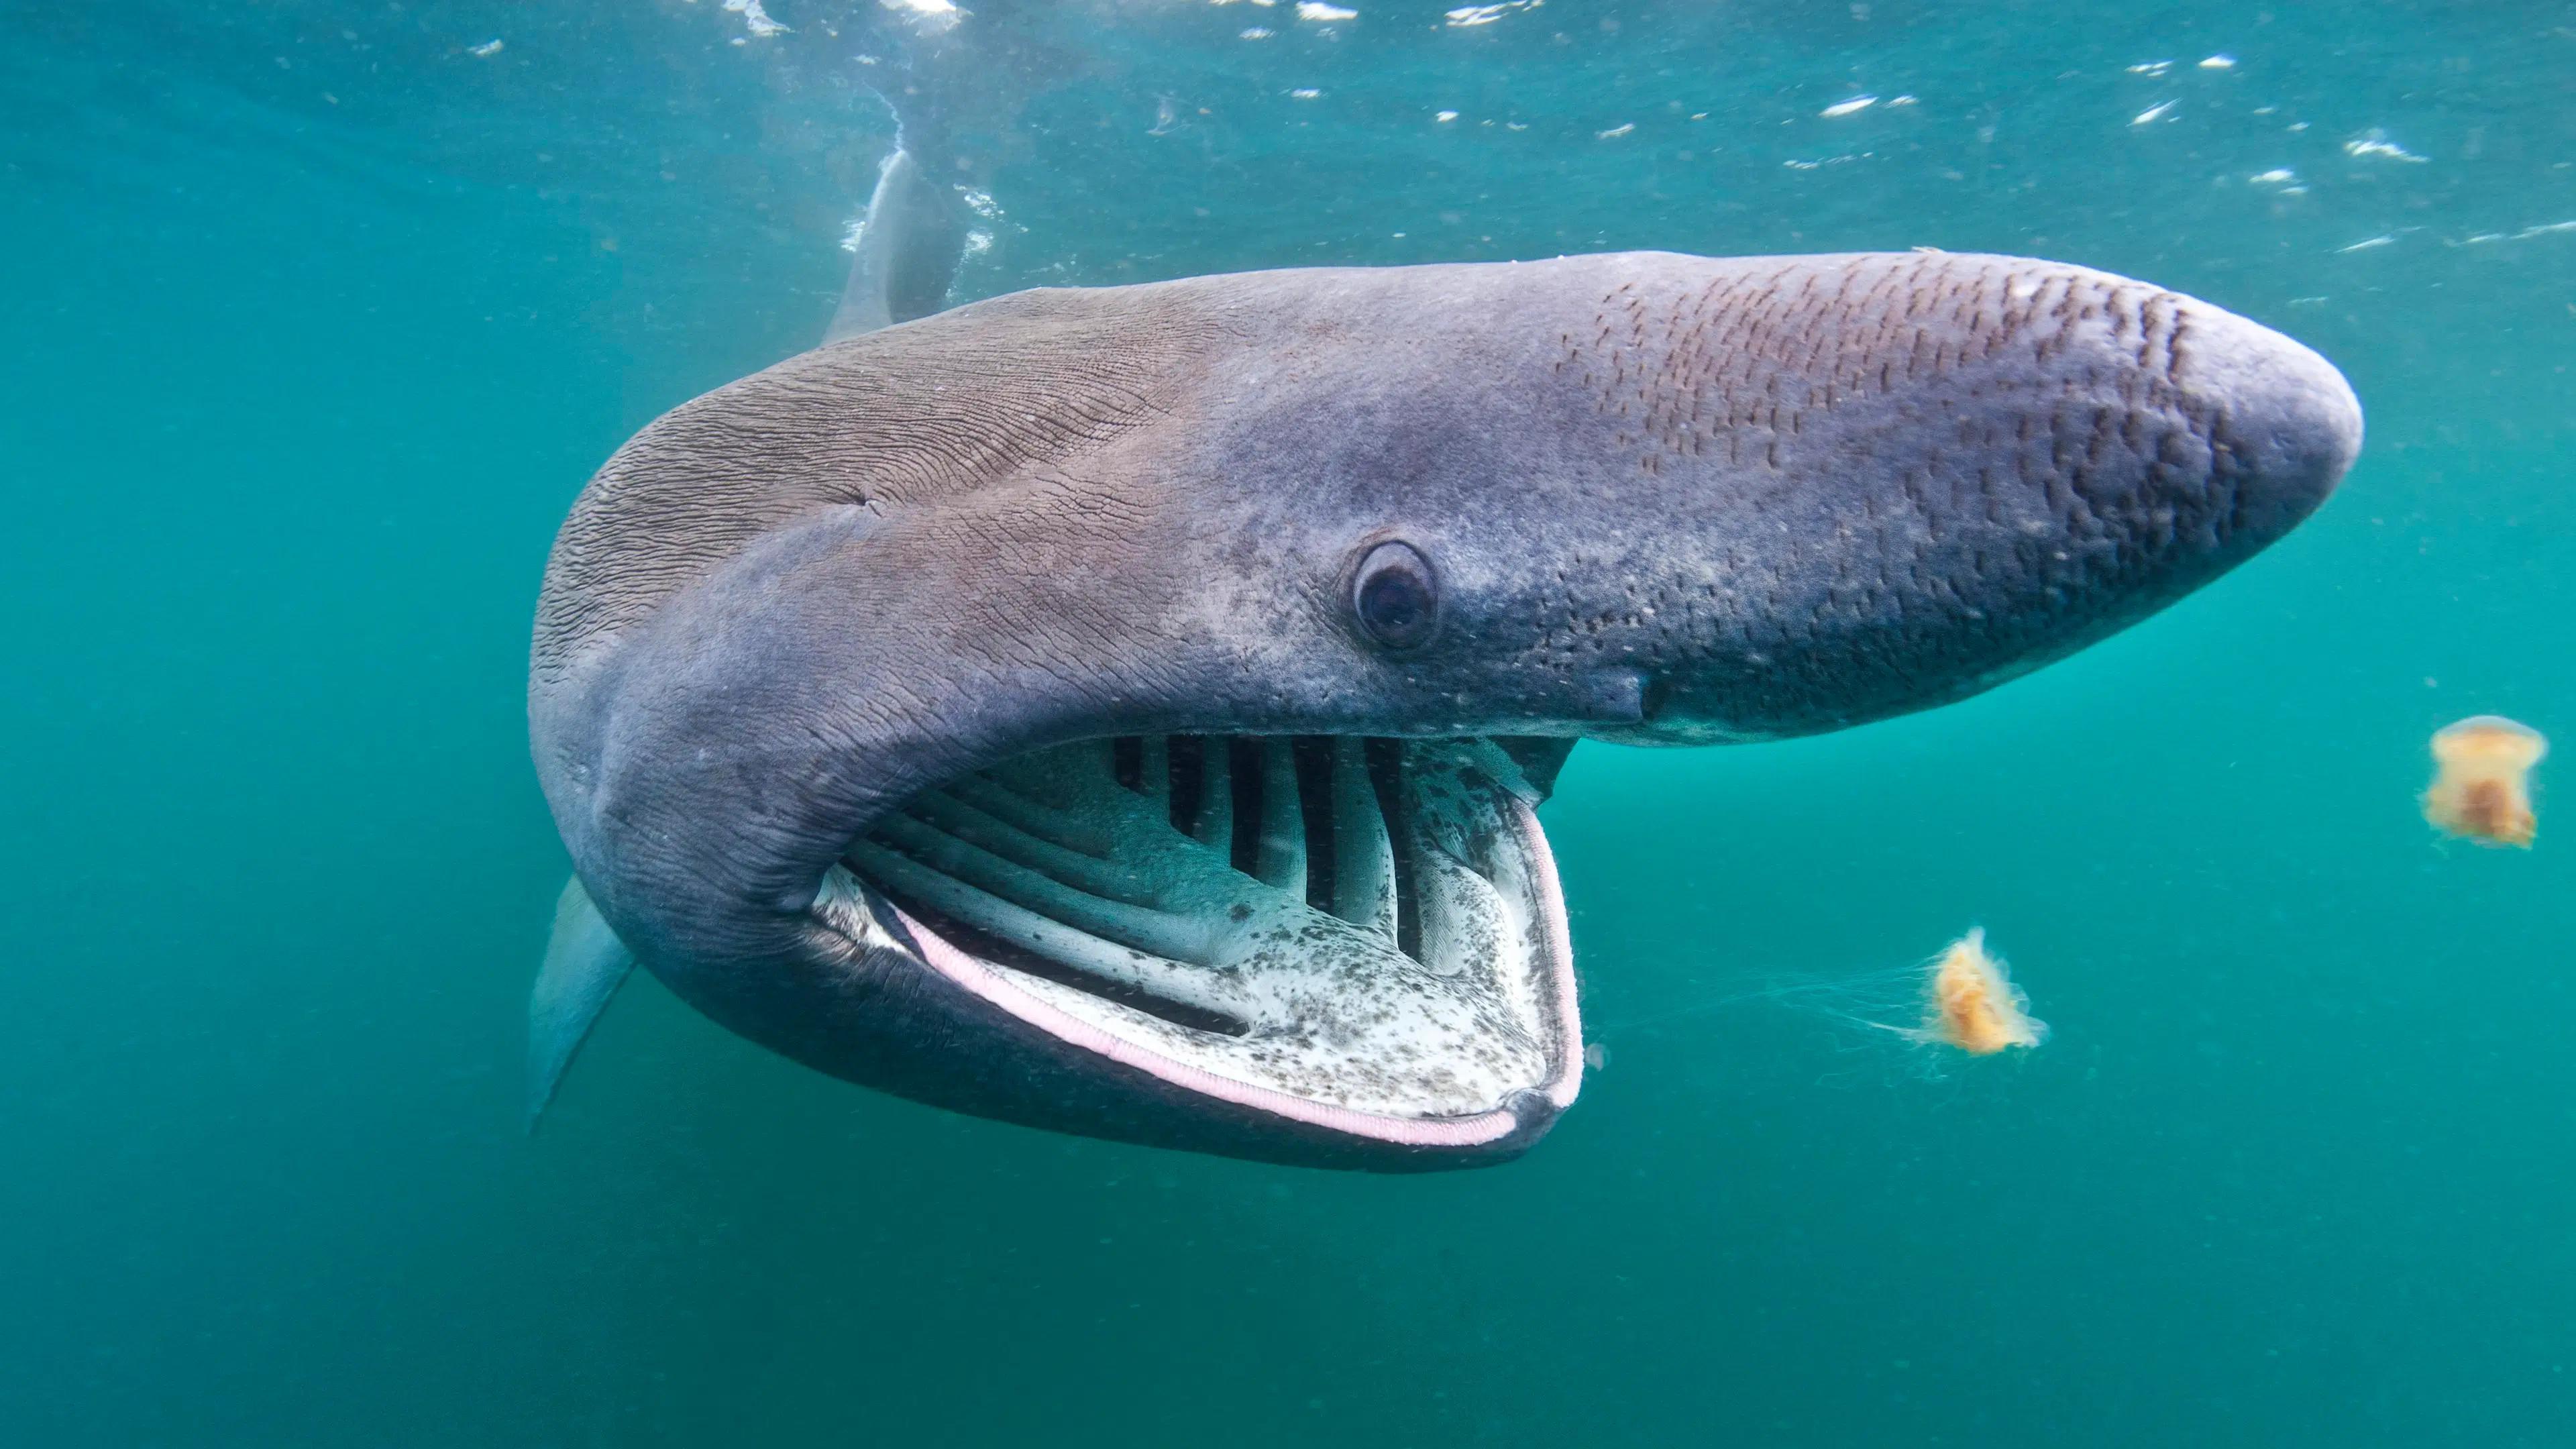 Экологи подсчитали, сколько акул придется убить ради производства вакцины от коронавируса